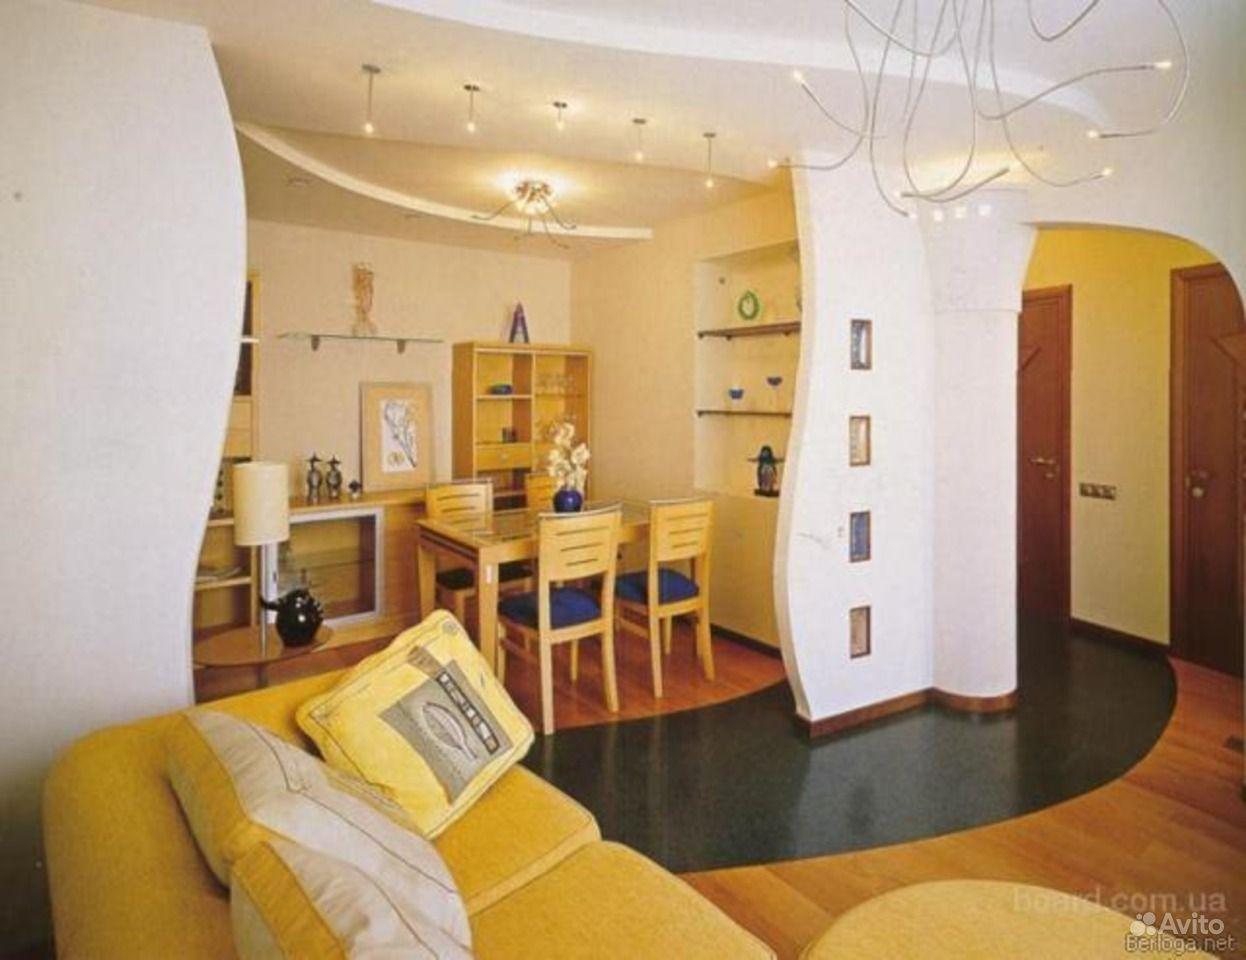 Гипсокартон в интерьере жилого помещения : шикарный дом.